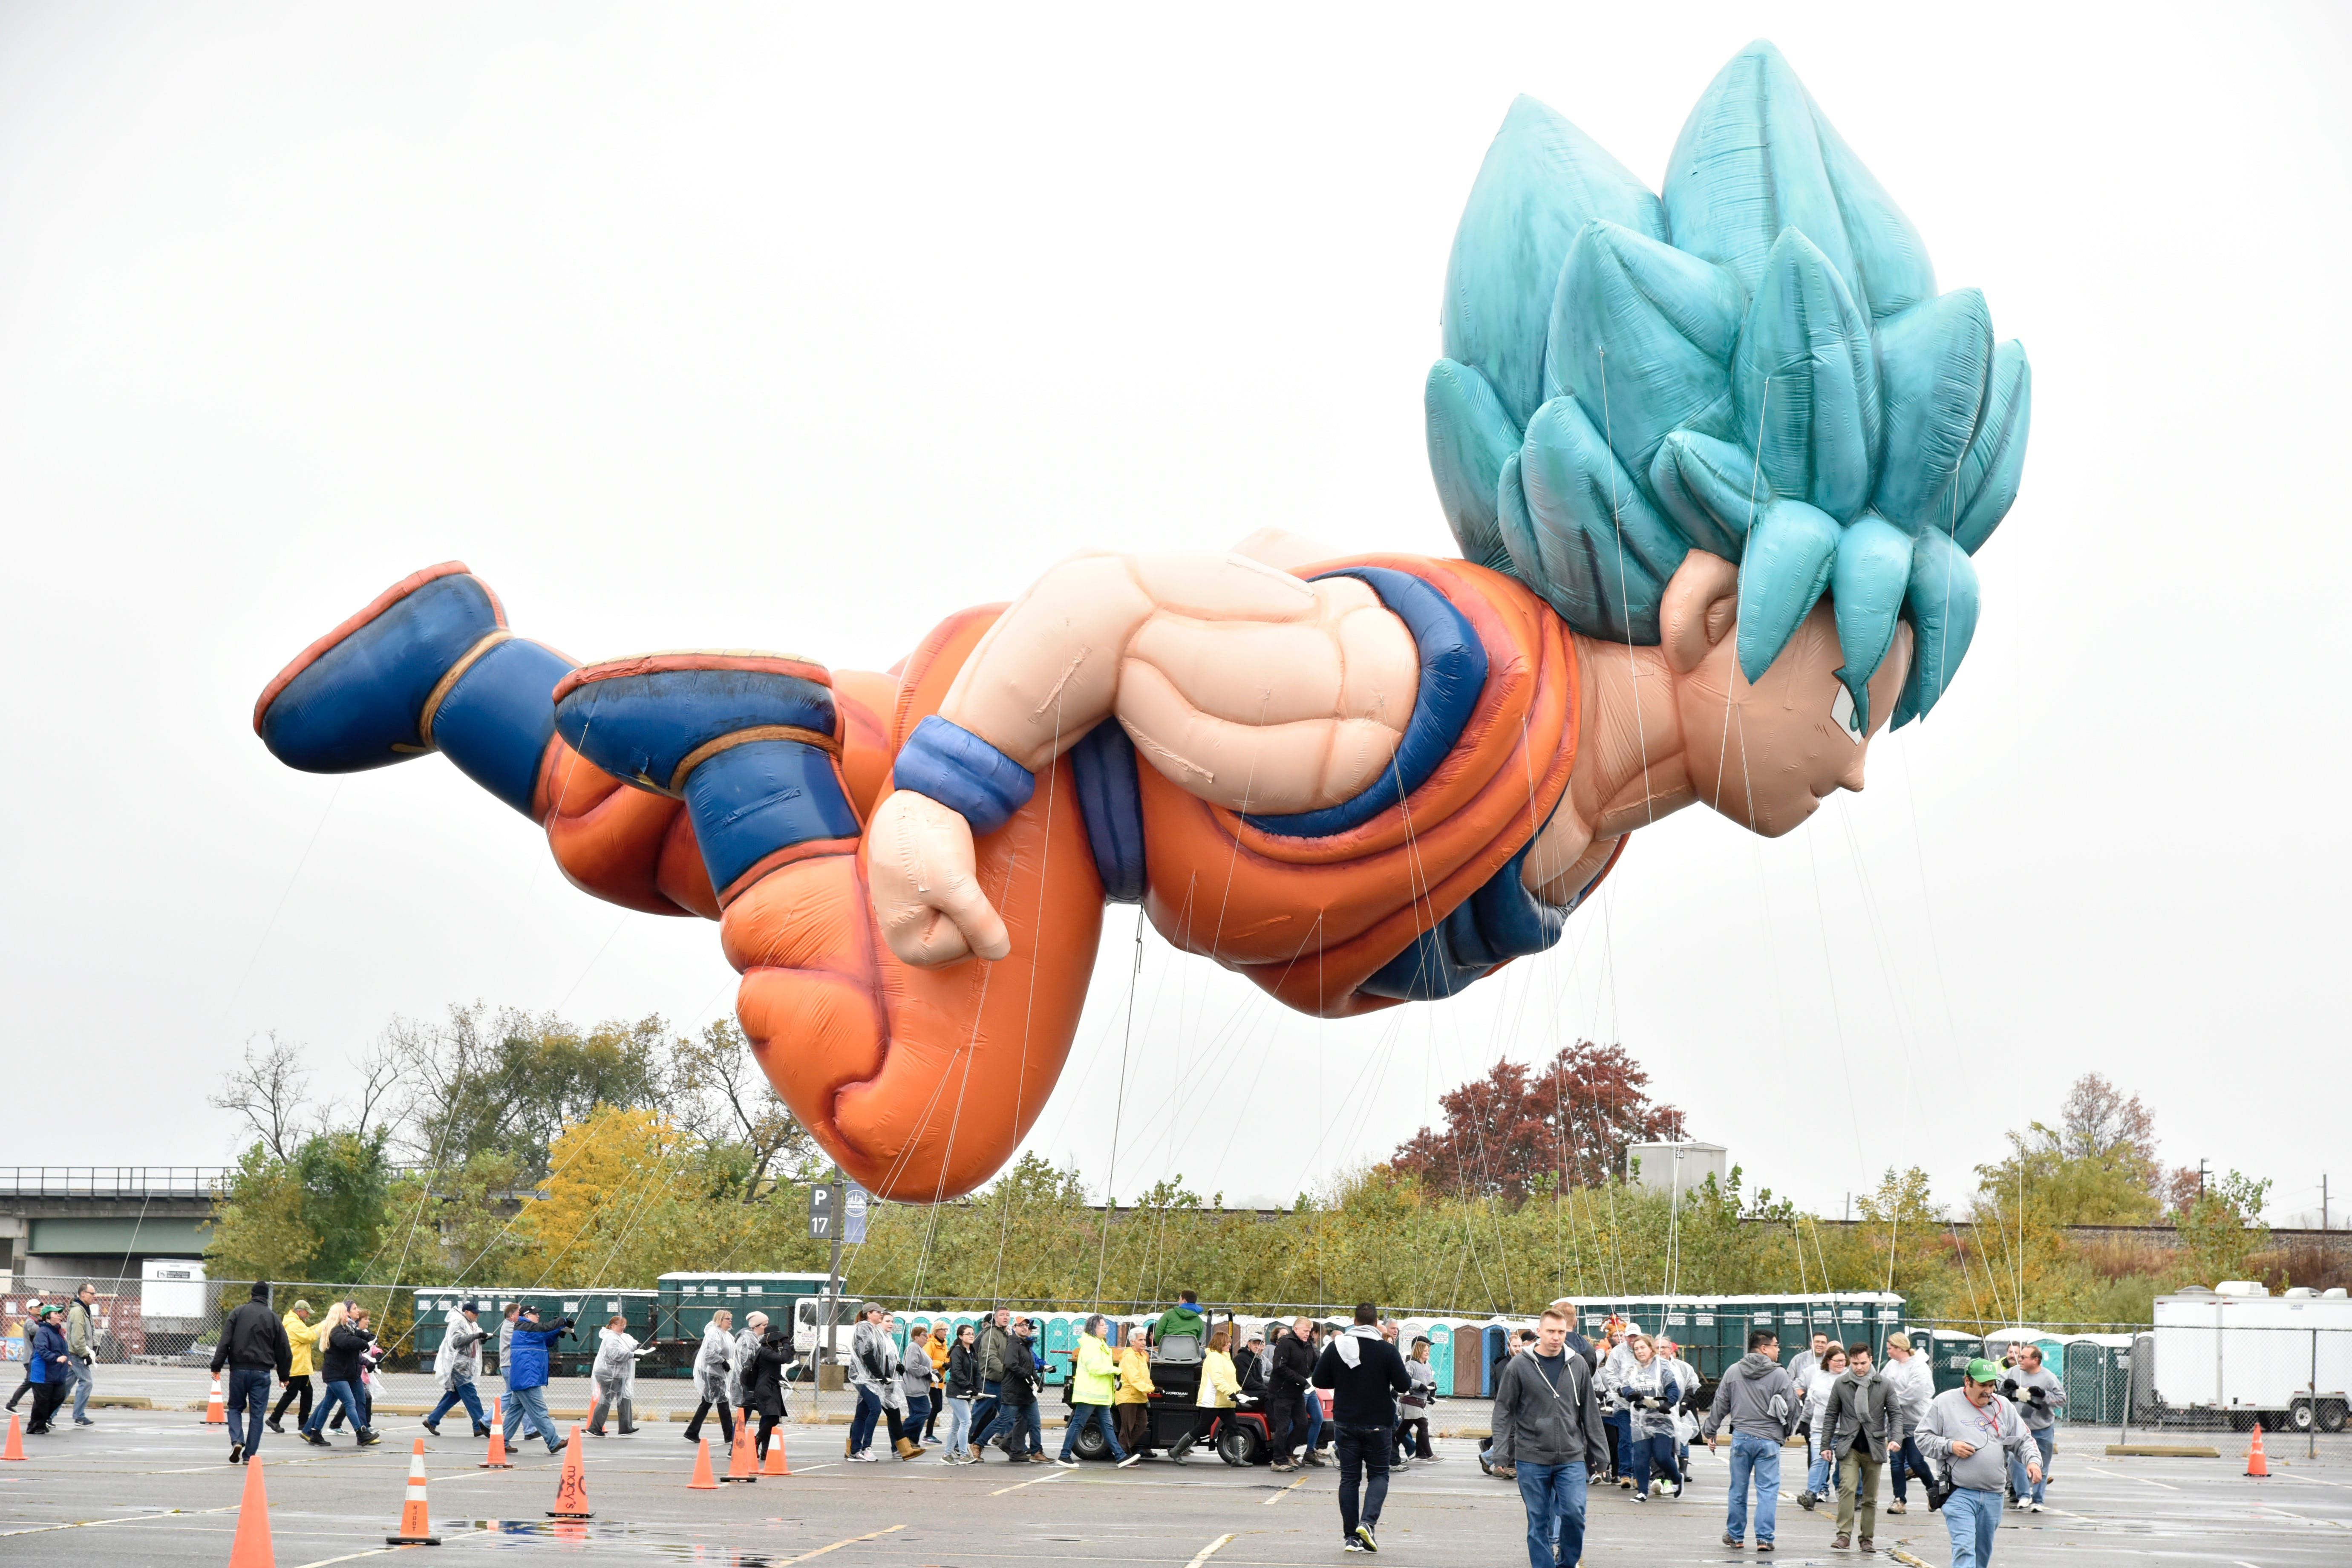 How Goku Became Macy S Unexpected Parade Balloon Despite His Hair Macys Thanksgiving Parade Thanksgiving Parade Thanksgiving Day Parade